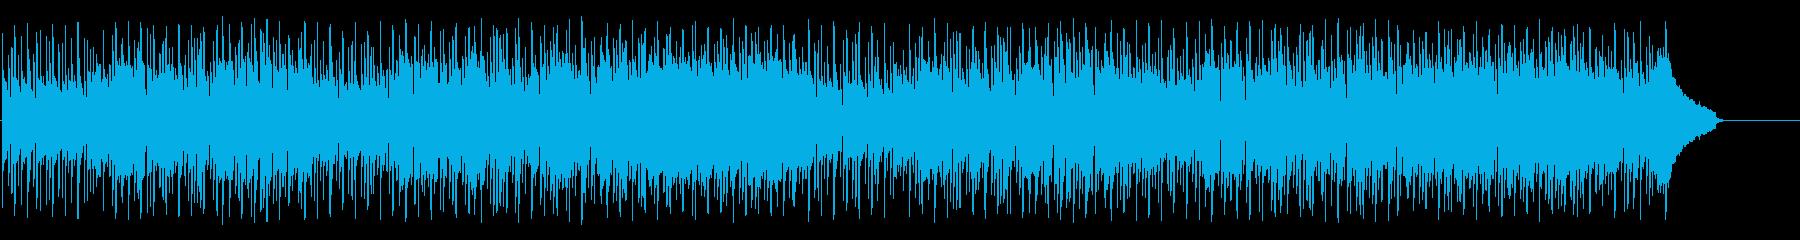 トロピカルムードを満喫する爽やかなポップの再生済みの波形